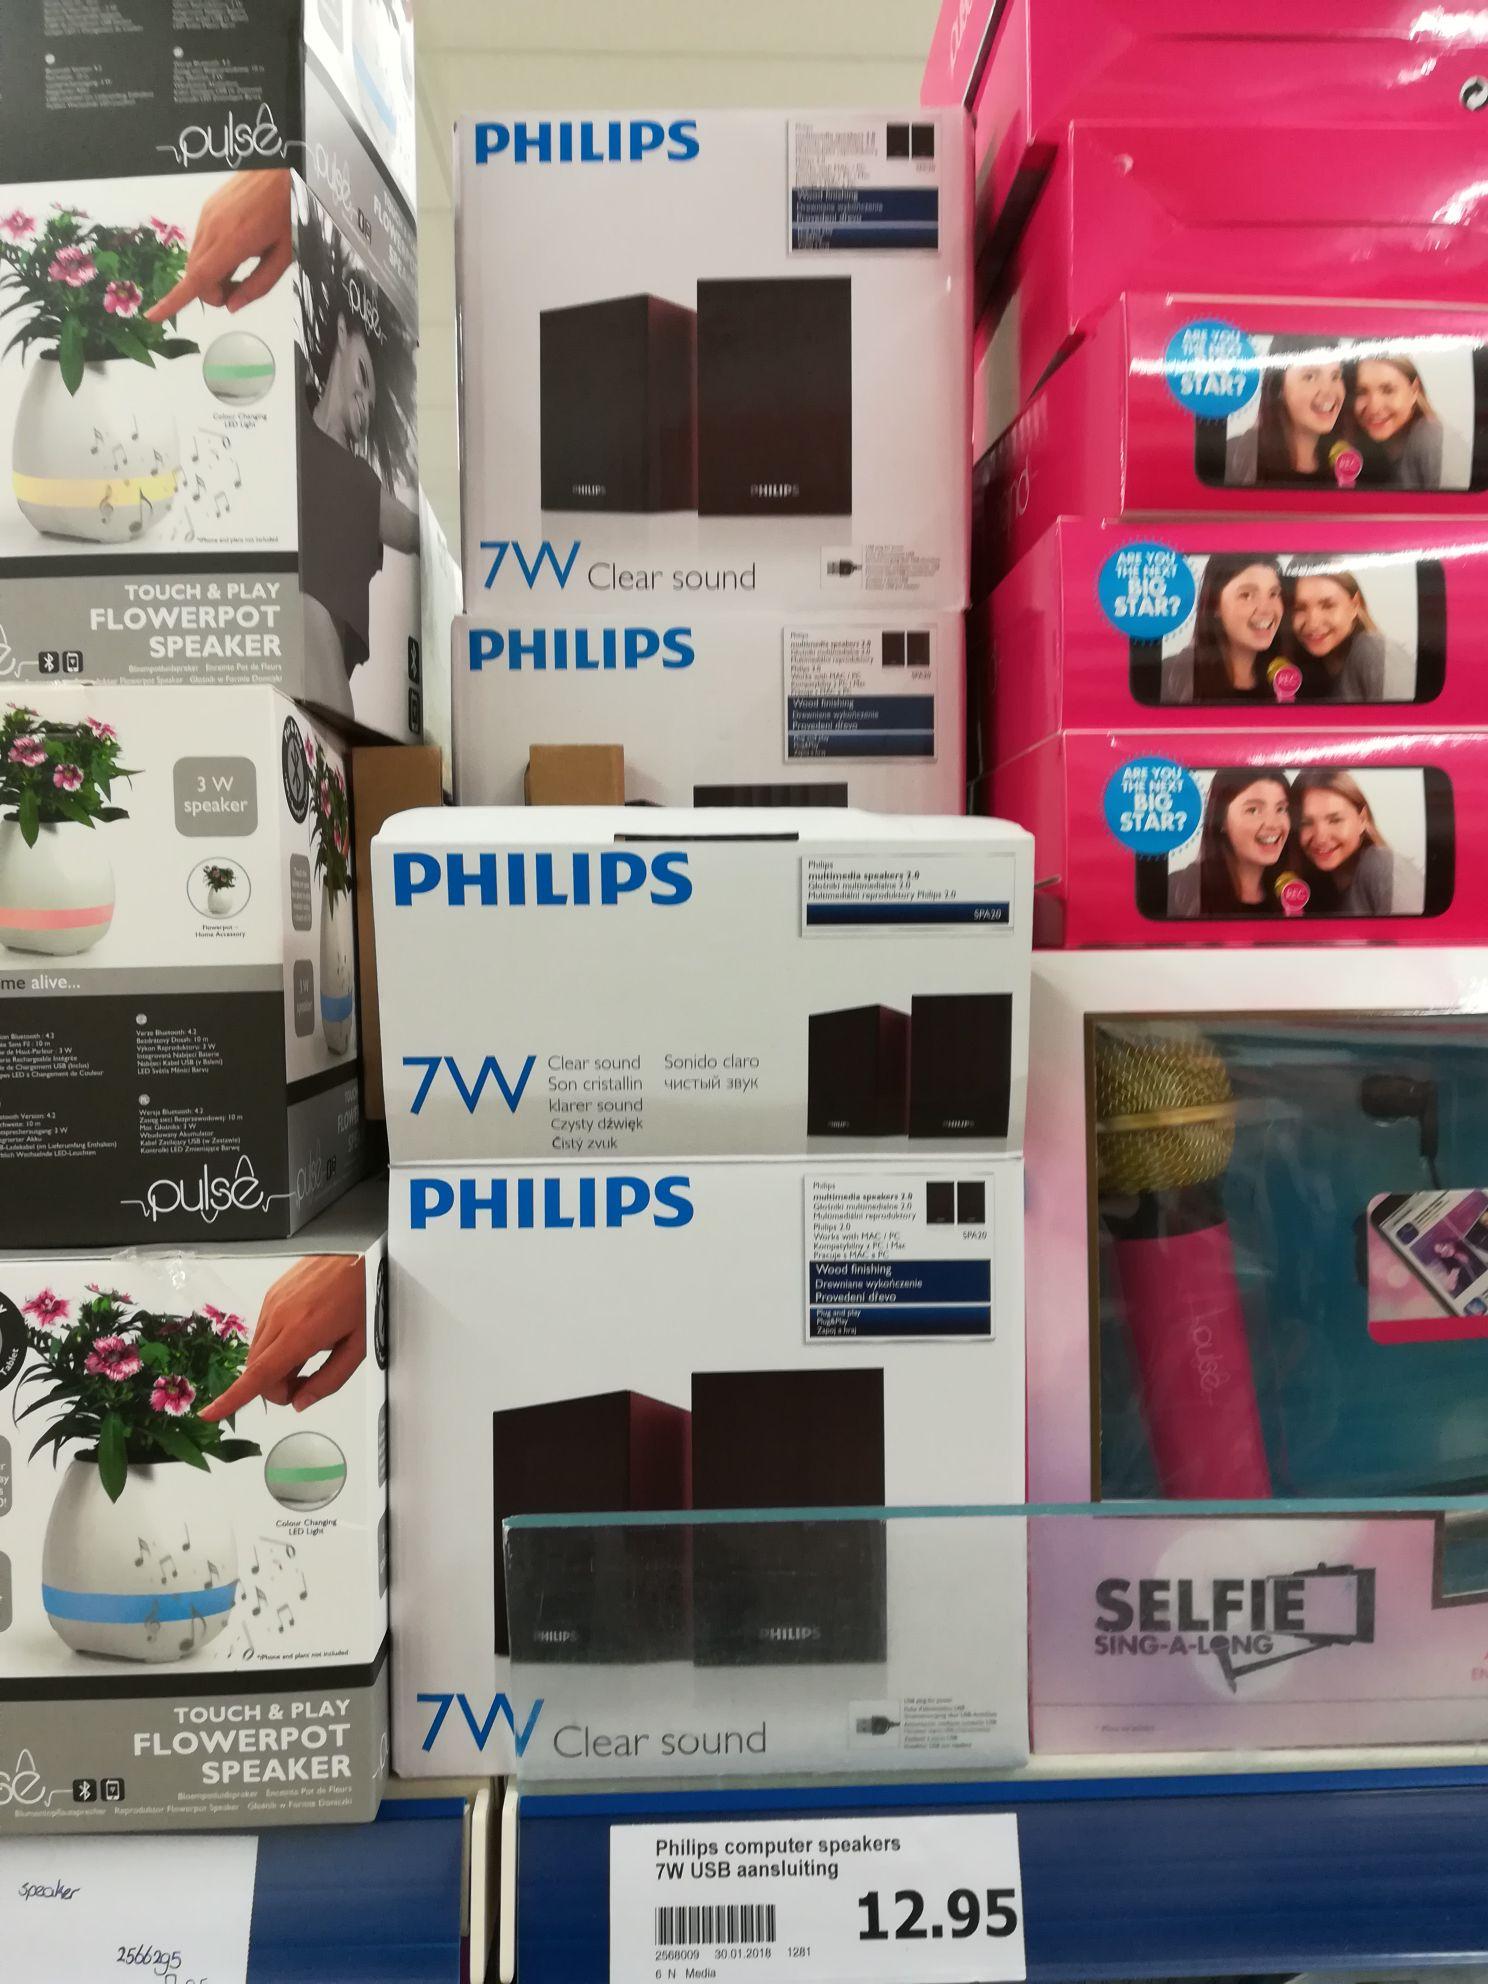 Philips 7W USB speakers @Action